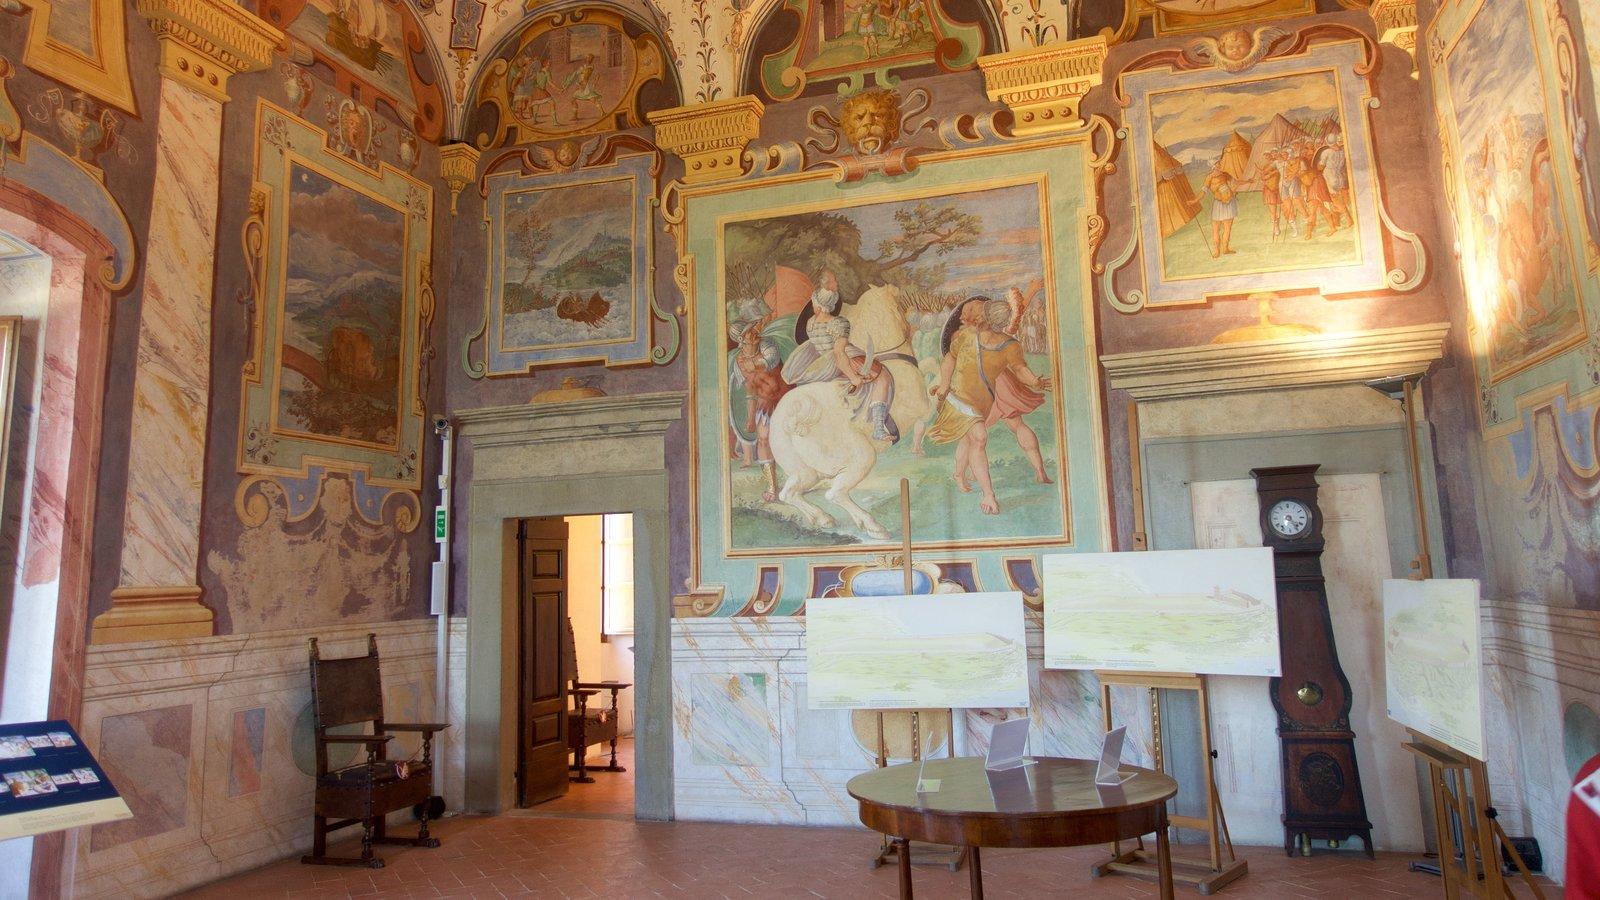 Castiglione del Lago which includes a castle, interior views and art